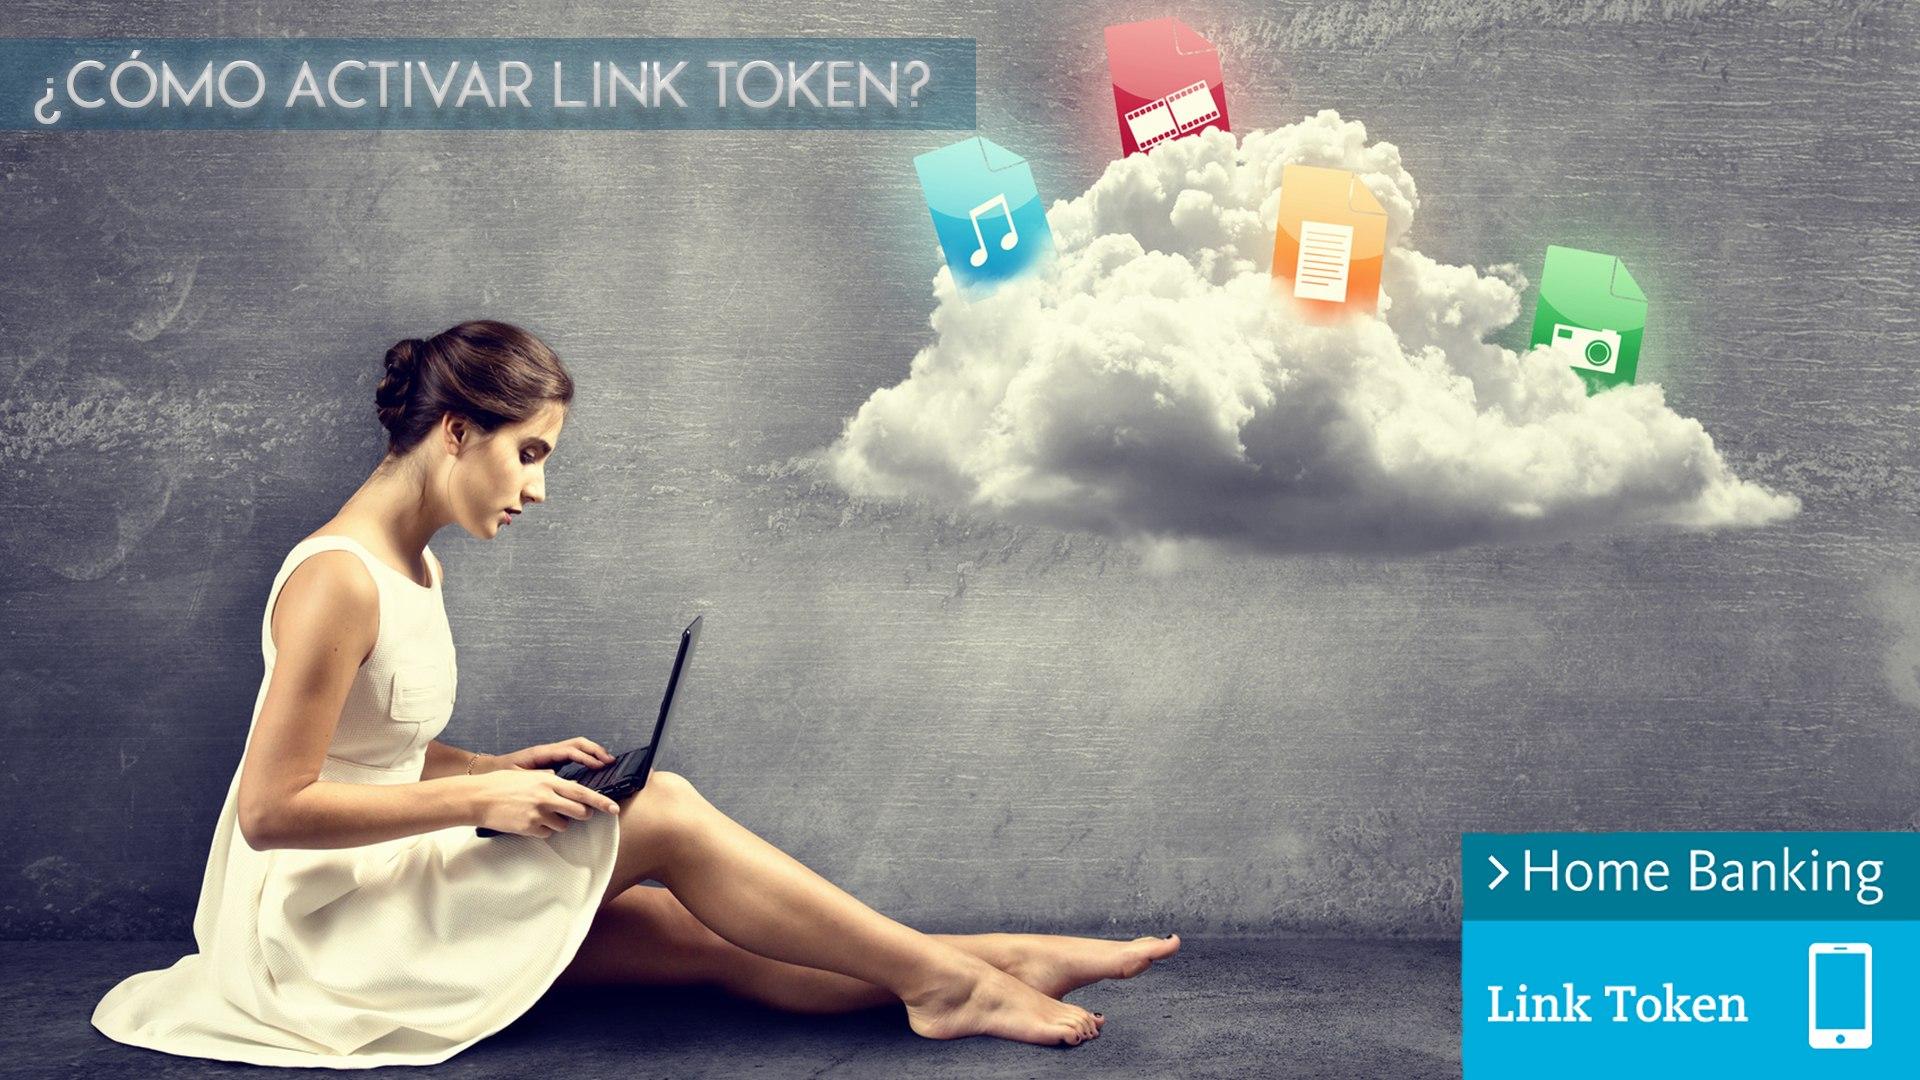 Cómo Activar Link Token? - Vídeo Dailymotion